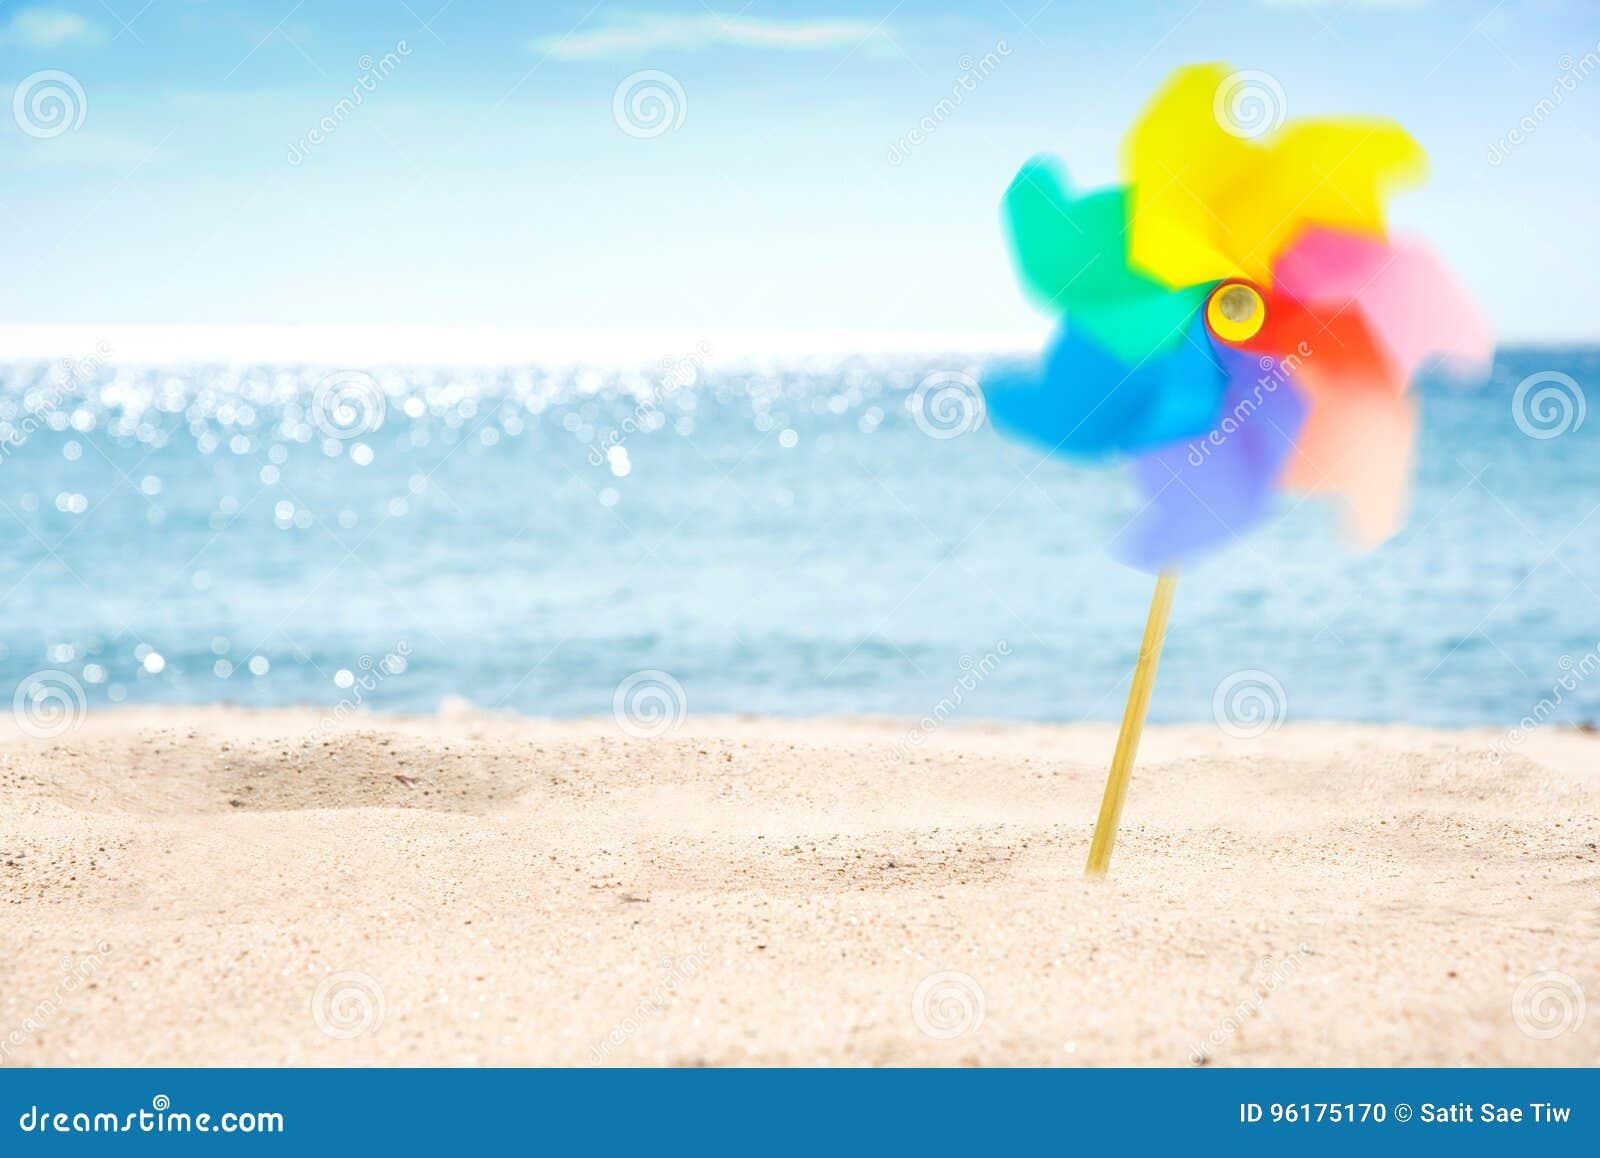 Girândola colorido de giro no fundo da praia